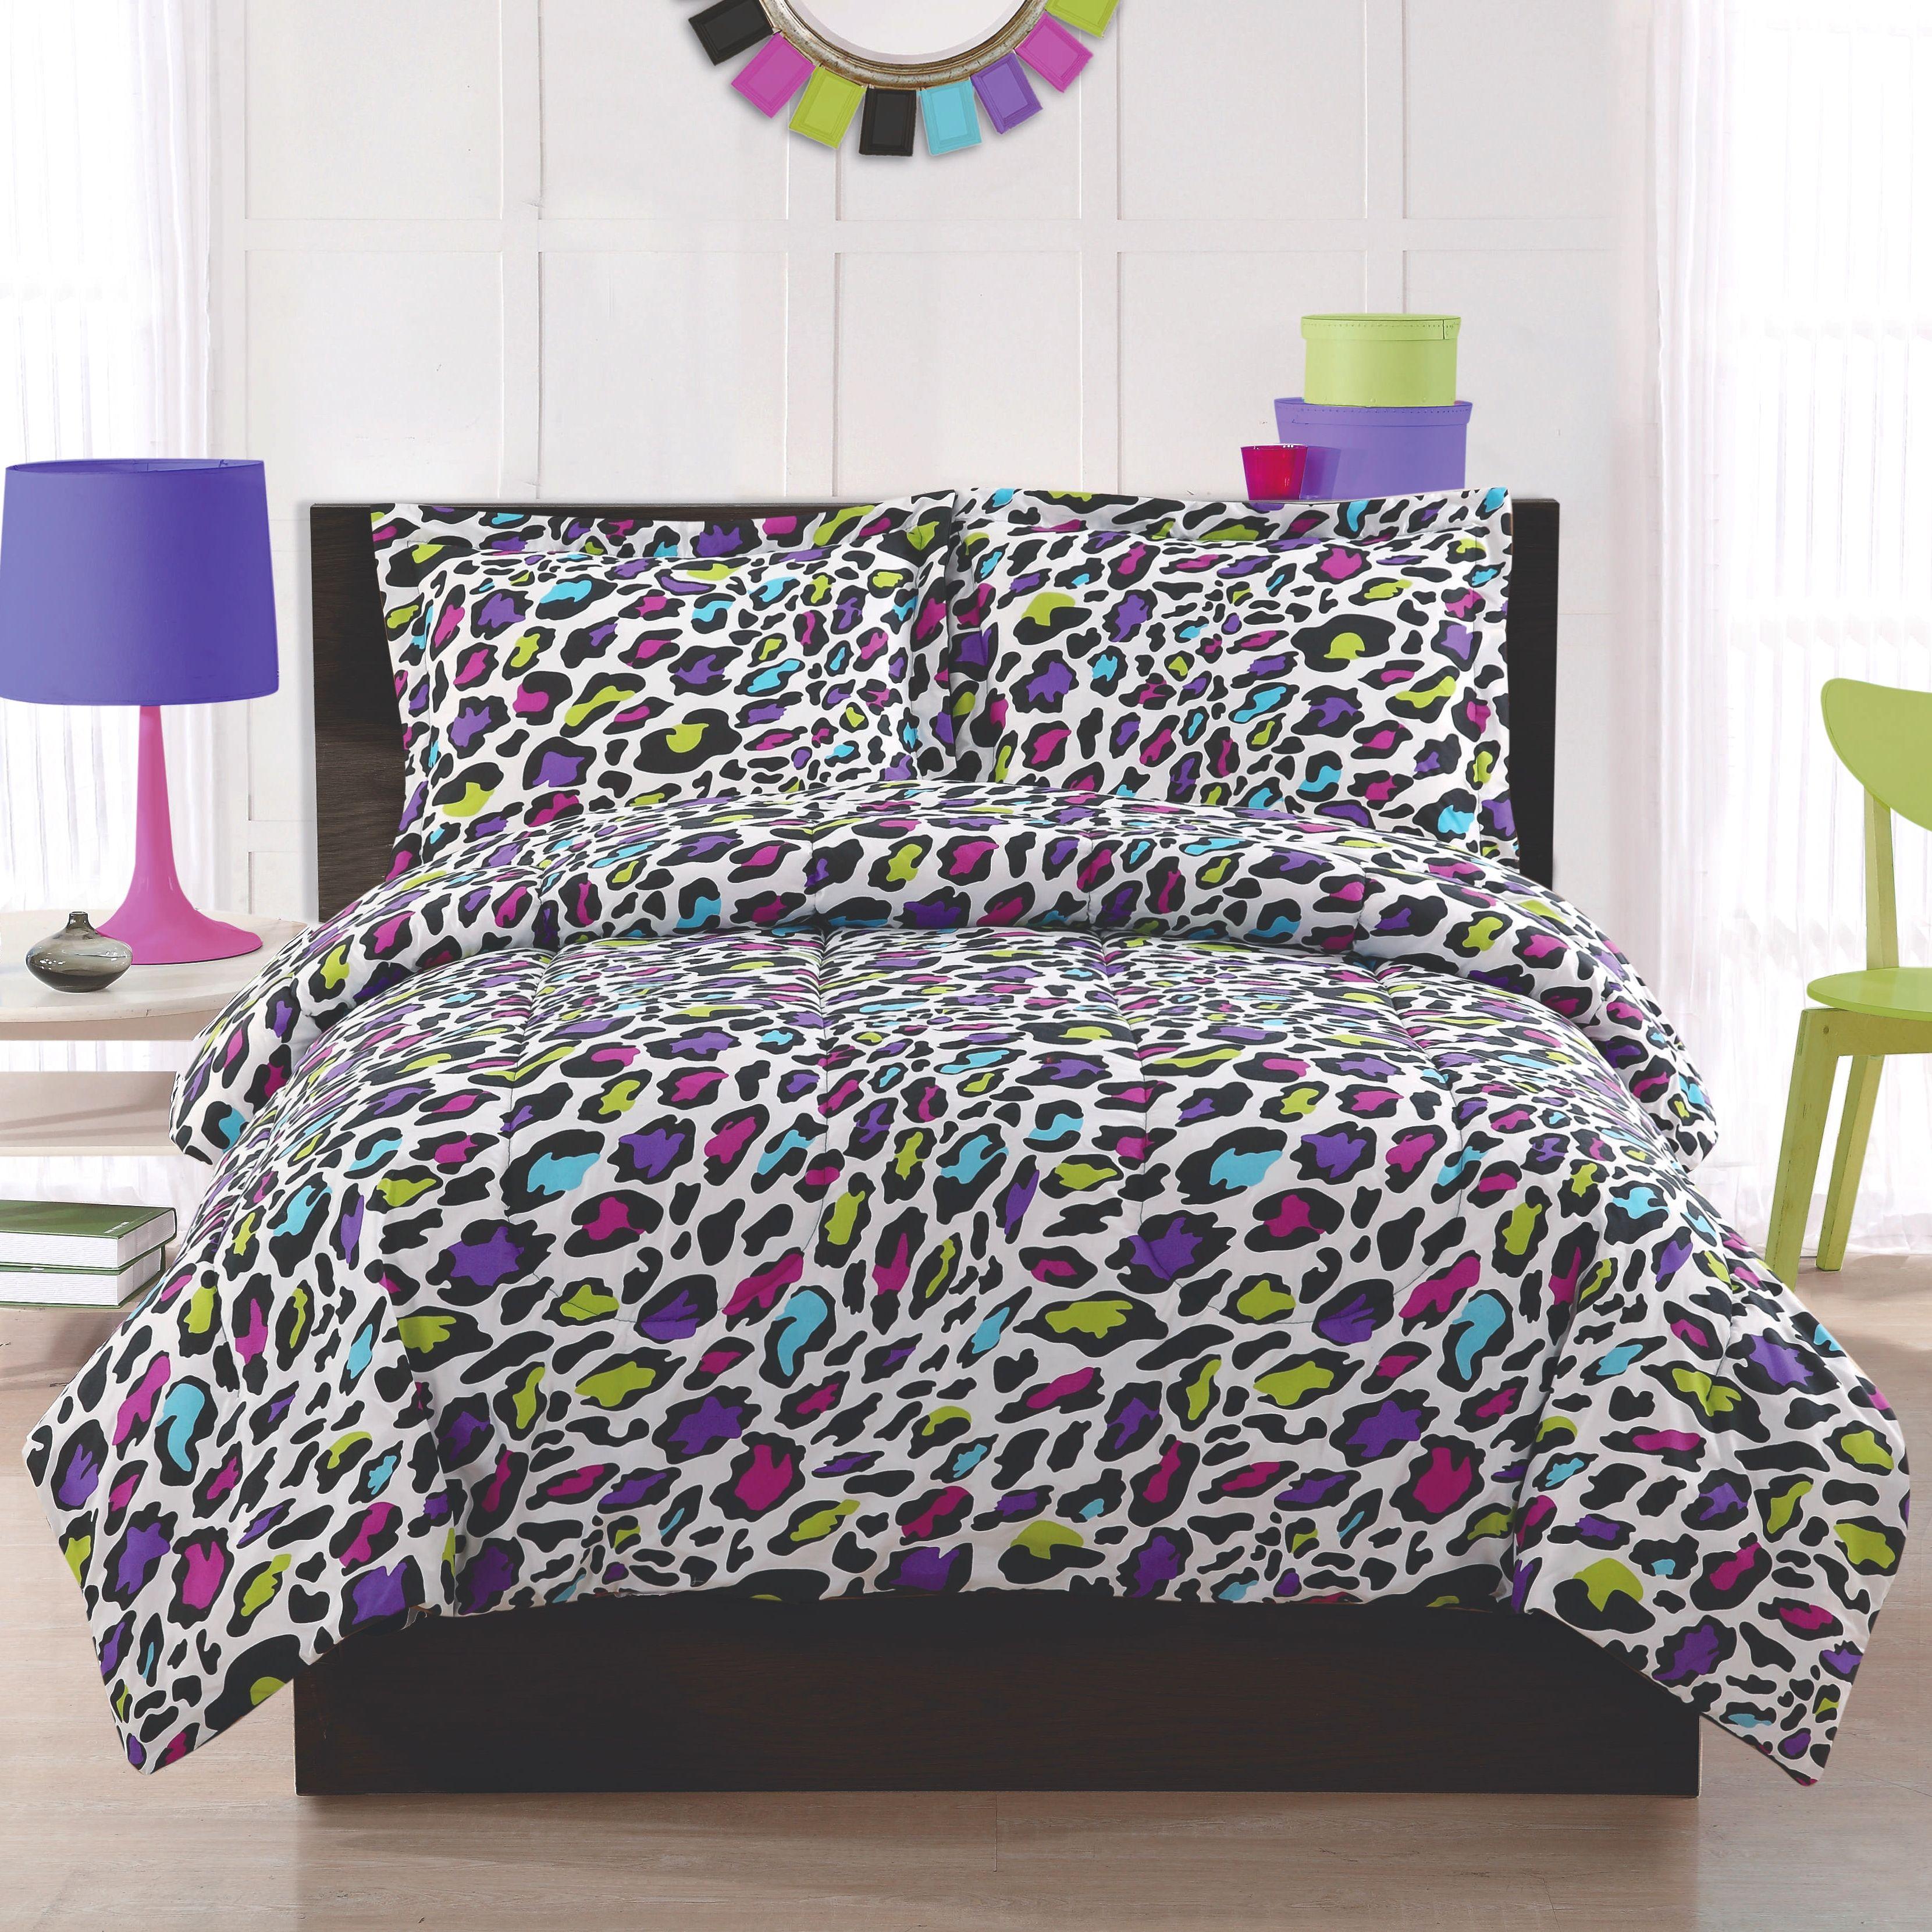 Best Bedding Sets For Girls Print Livin Large Leopard 400 x 300